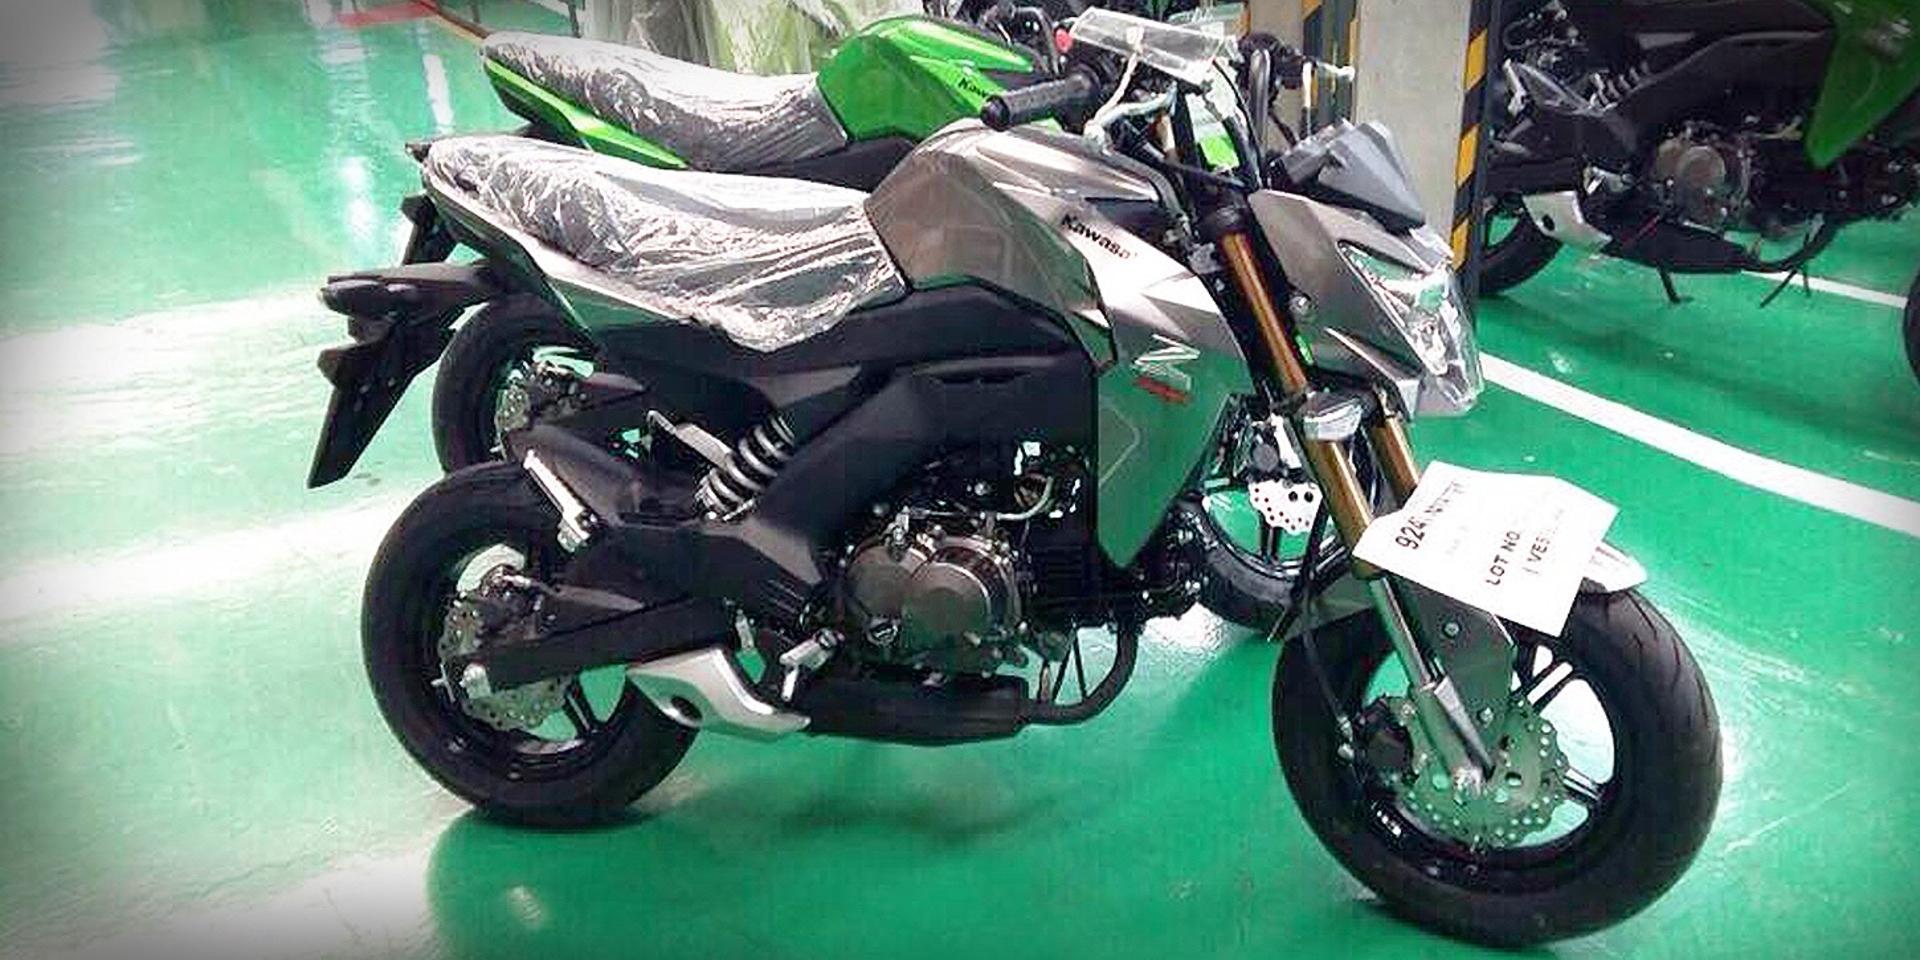 小輪輕檔玩樂主義。Kawasaki Z125 間諜照泰國曝光